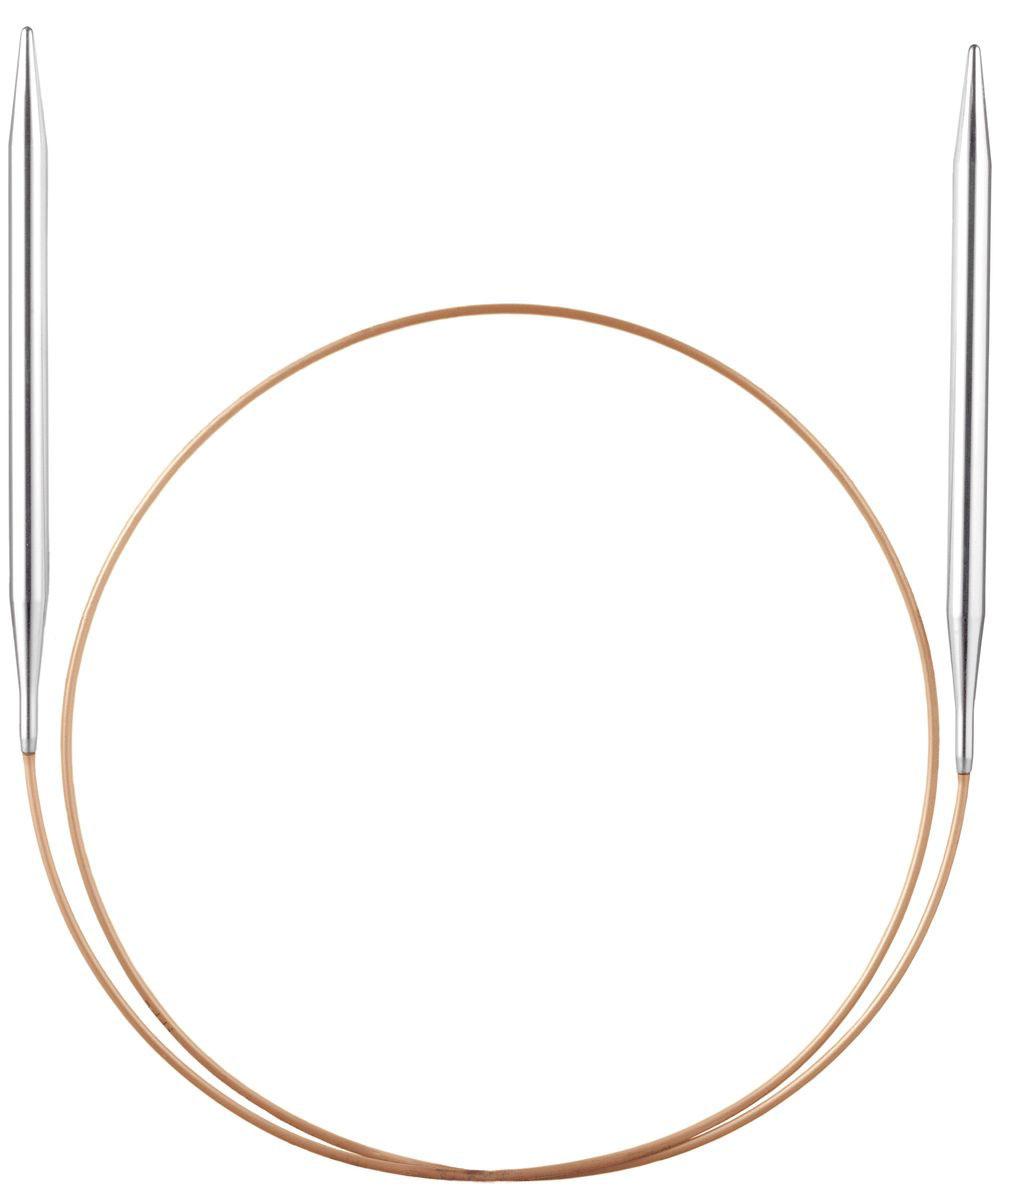 Спицы круговые Addi, супергладкие, диаметр 5,5 мм, длина 120 см105-7/5.5-120Спицы Addi, изготовленные из никеля, прекрасно подойдут для вязания изделий без швов. Короткими круговыми спицами вяжут бейки горловины, шапки и варежки, длинными спицами можно вязать по кругу целые модели, например, свитера и пуловеры. Полые и очень легкие спицы с удлиненным кончиком скреплены гибкой леской. Гладкое покрытие и тонкие переходы от спицы к леске позволяют пряже легче скользить. Малый вес изделия убережет ваши руки от усталости при вязании. Вы сможете вязать для себя, делать подарки друзьям. Работа, сделанная своими руками, долго будет радовать вас и ваших близких.